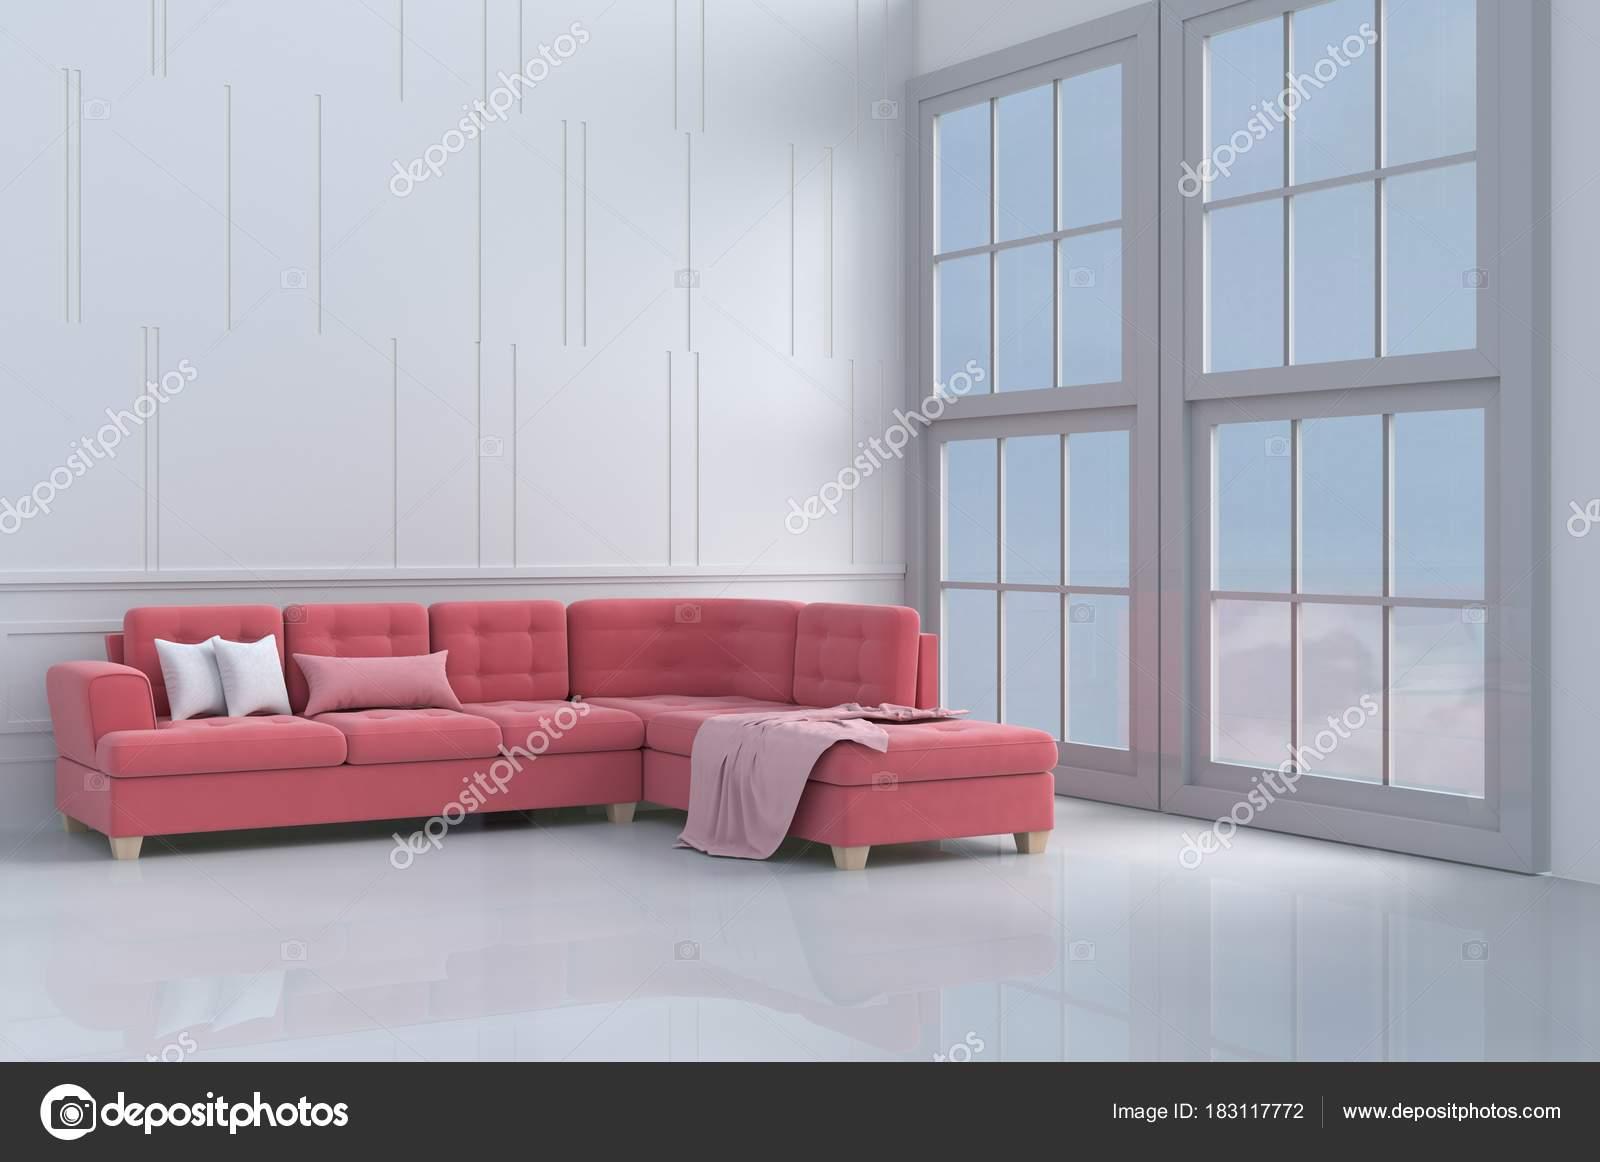 Rot Rosa Sofa Der Liebe Weiß Wohnzimmer Dekor Mit Kissen — Stockfoto ...